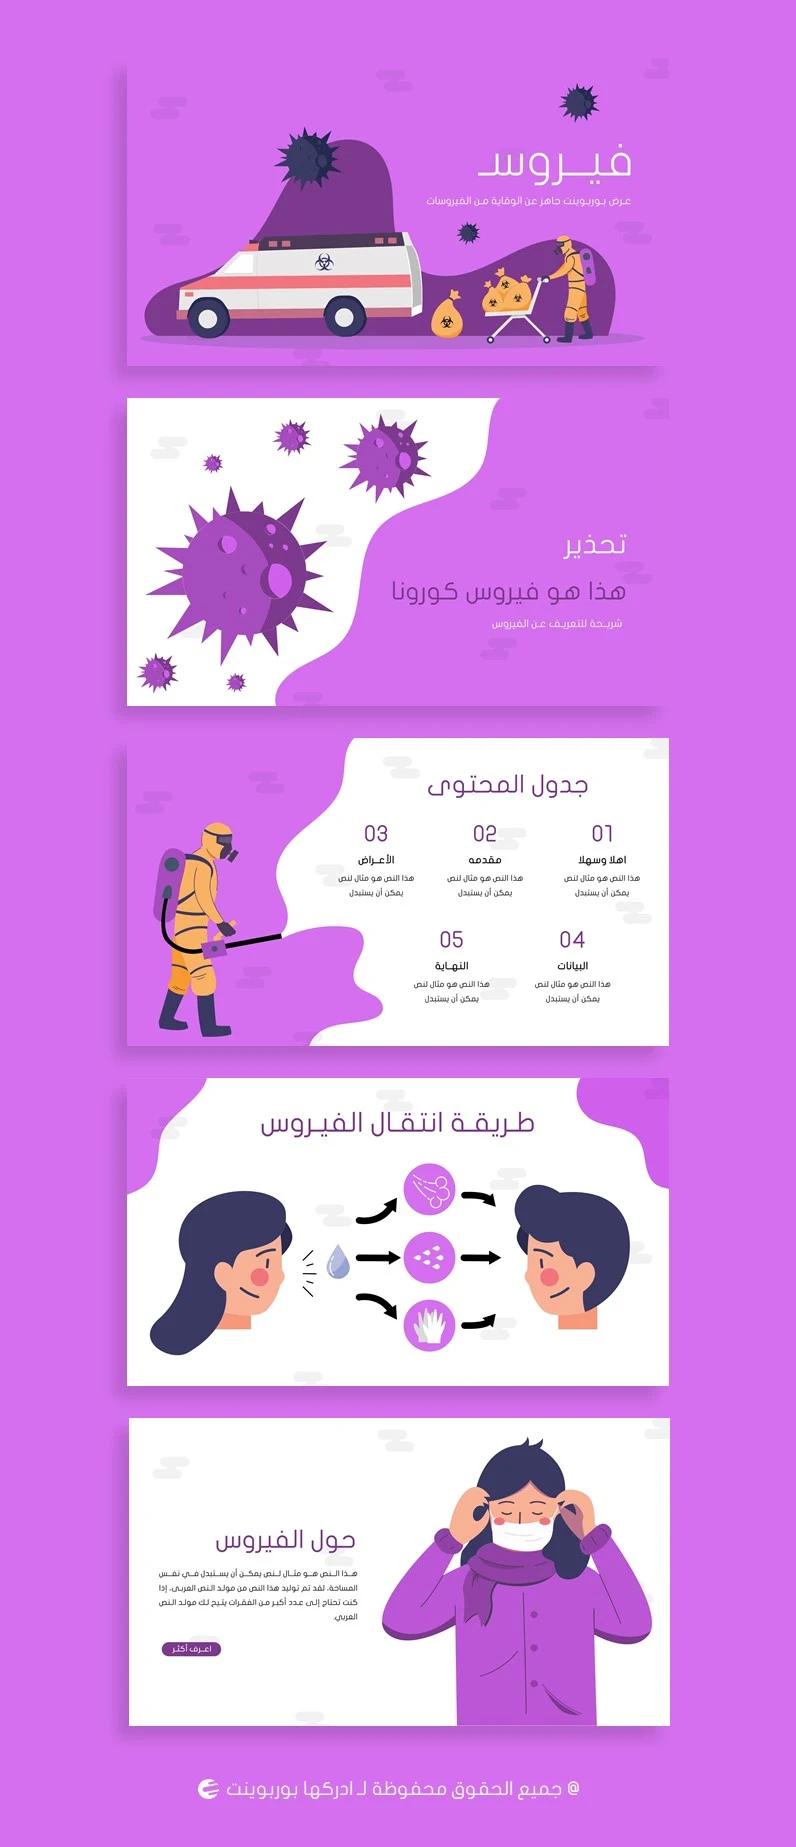 فيروس تصميم بوربوينت جاهز لعمل برزنتيشن عن الفيروسات ادركها بوربوينت Powerpoint Presentation Design Powerpoint Presentation Presentation Design